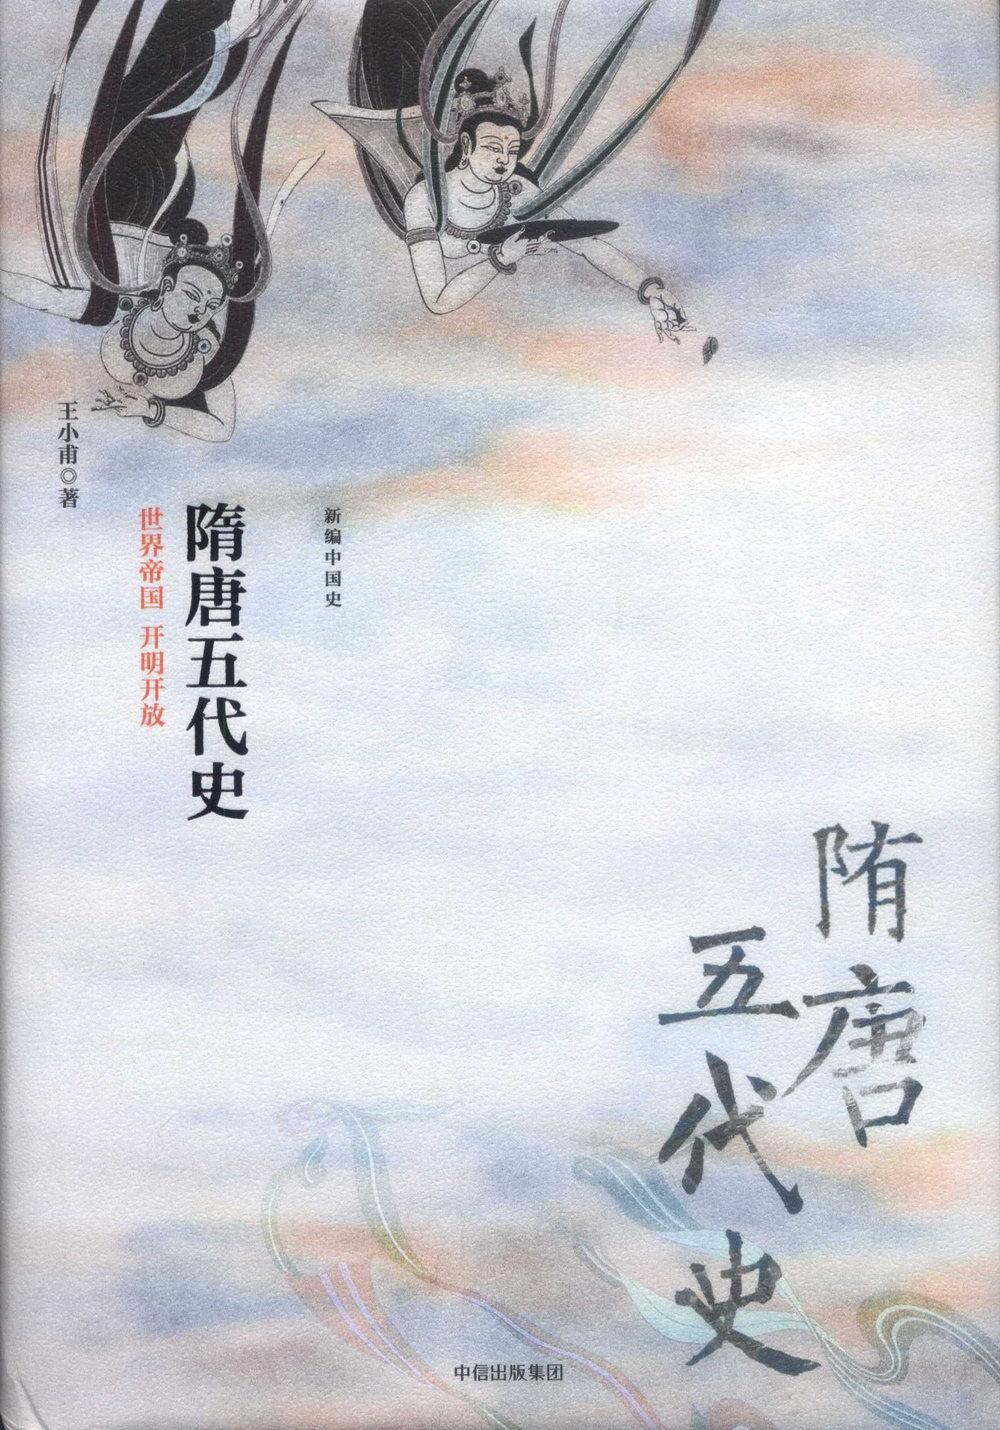 新編中國史·隋唐五代史:世界帝國 開明開放